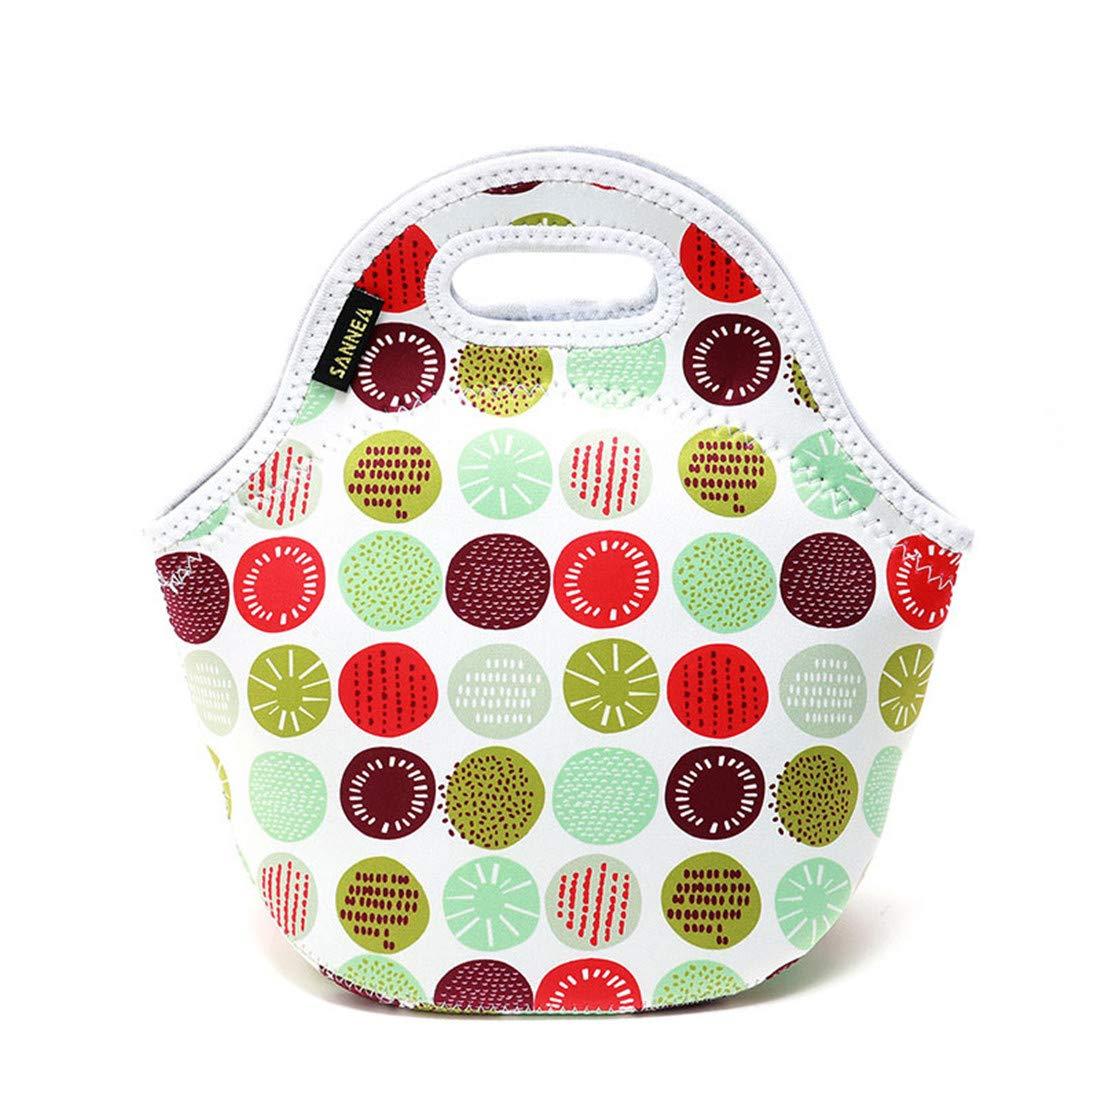 Bolsa para almuerzos Bolsa de enfriamiento de gran capacidad Tamaño de la caja Adecuado para la merienda de comida bebés Empresa para niños Bolsa de almuerzo trabajo Bolso de mochila Comida ,B: